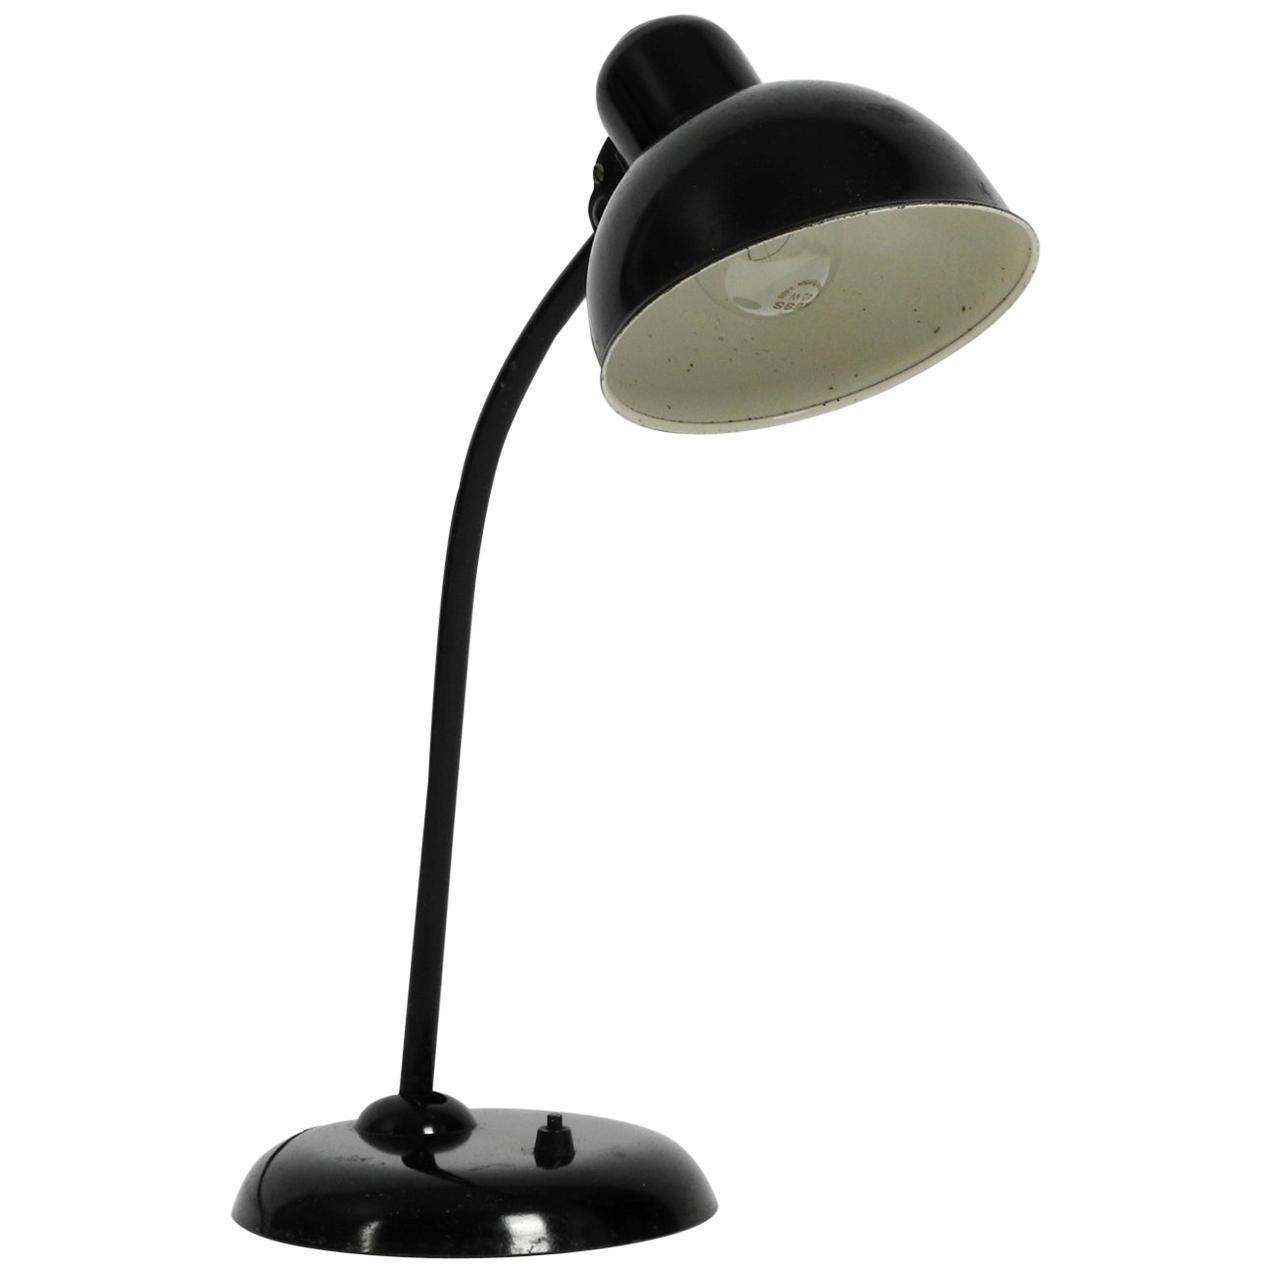 Original 1940s Black Kaiser Idell Metal Table Lamp Model 6551